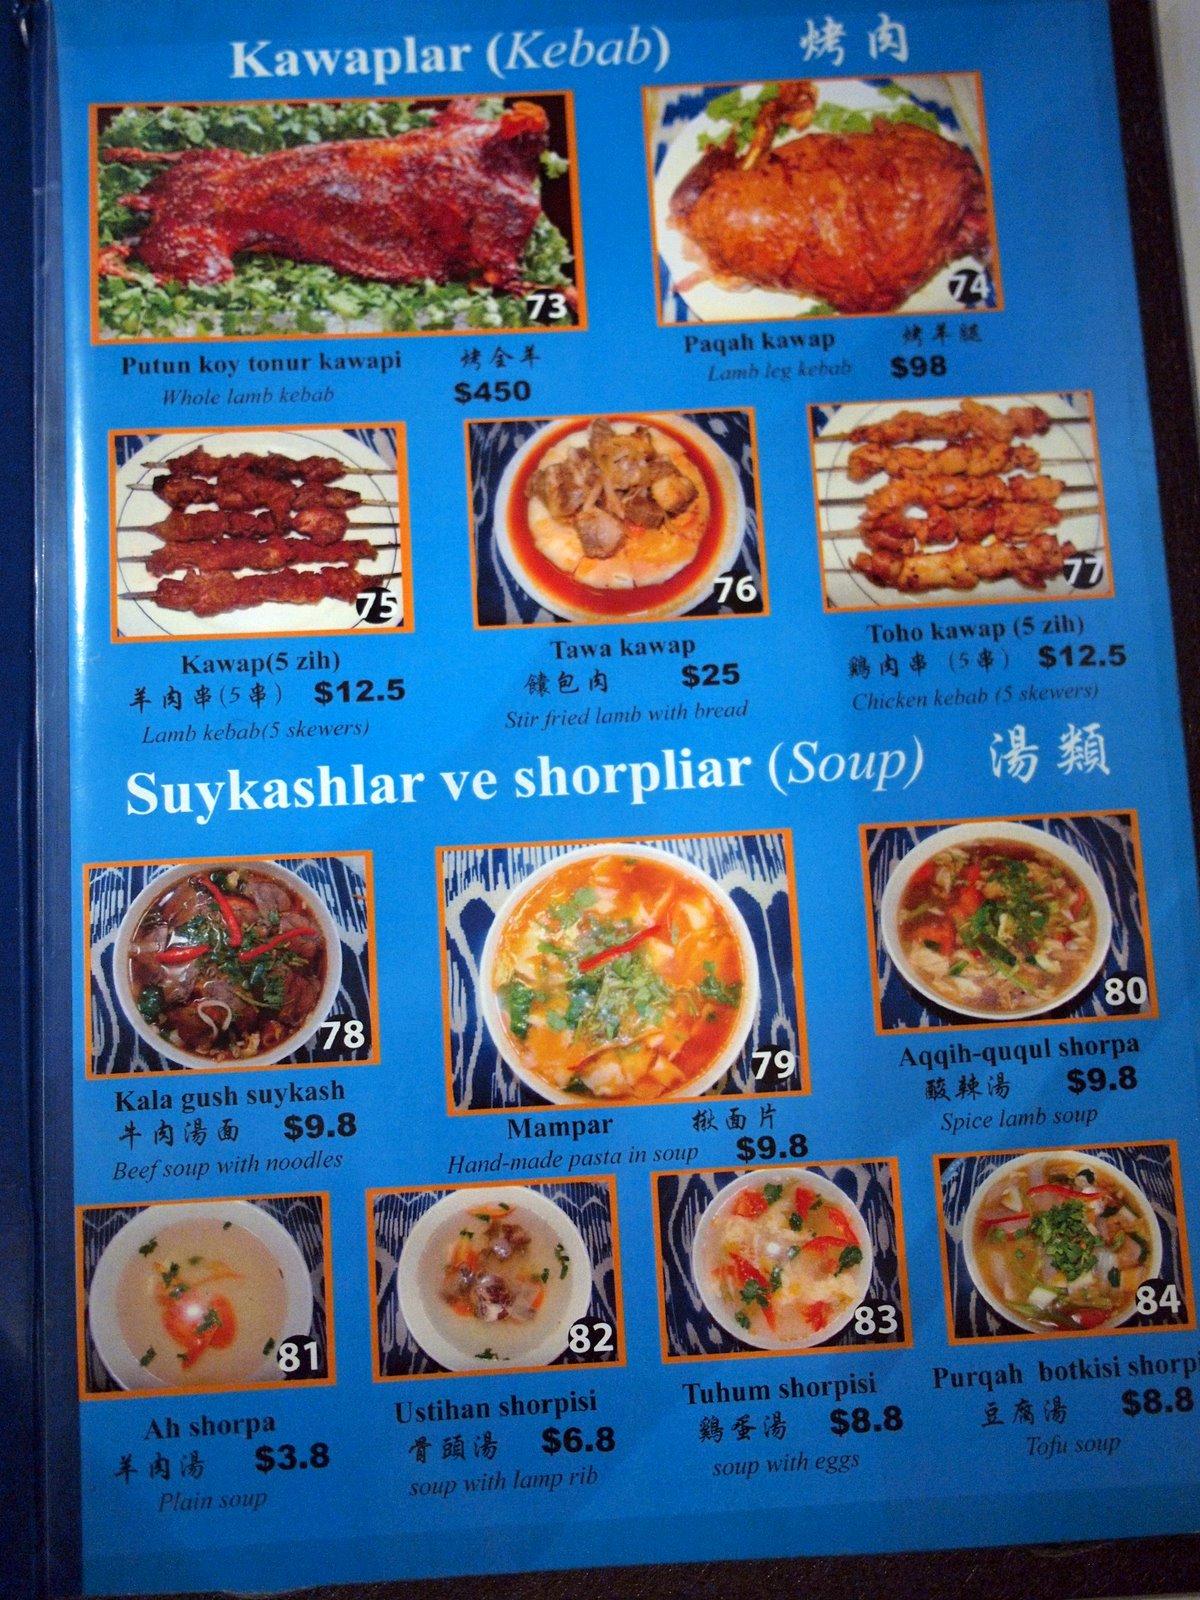 B kyu uighur cuisine chinese chinatown for 328 chinese cuisine menu